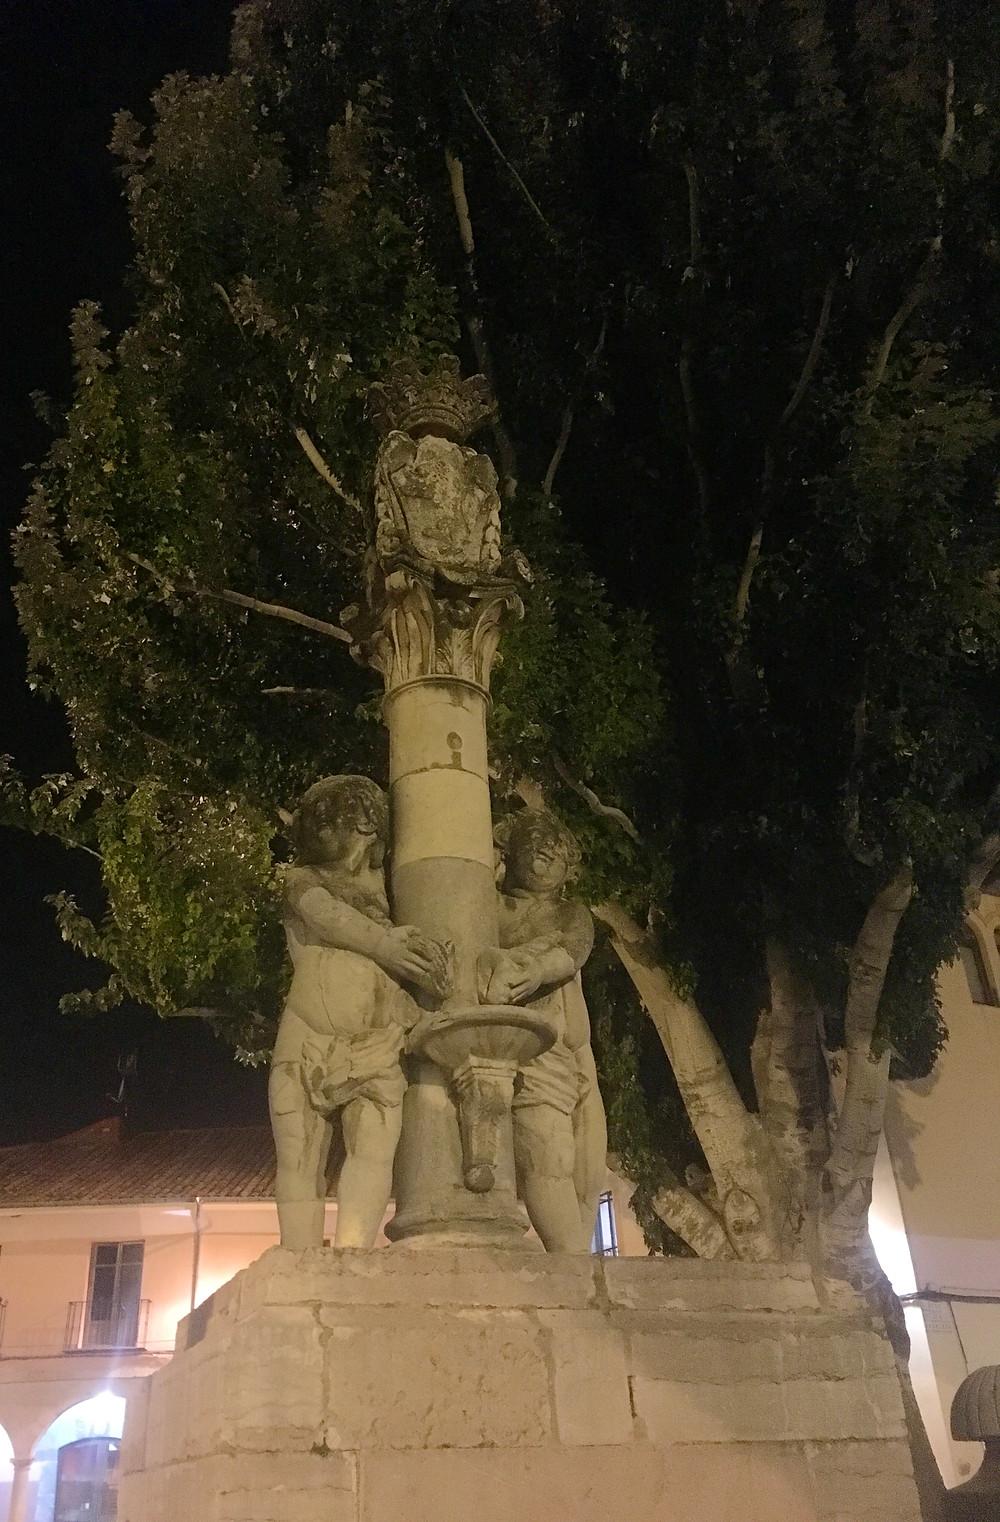 Spanish Cherub Fountain